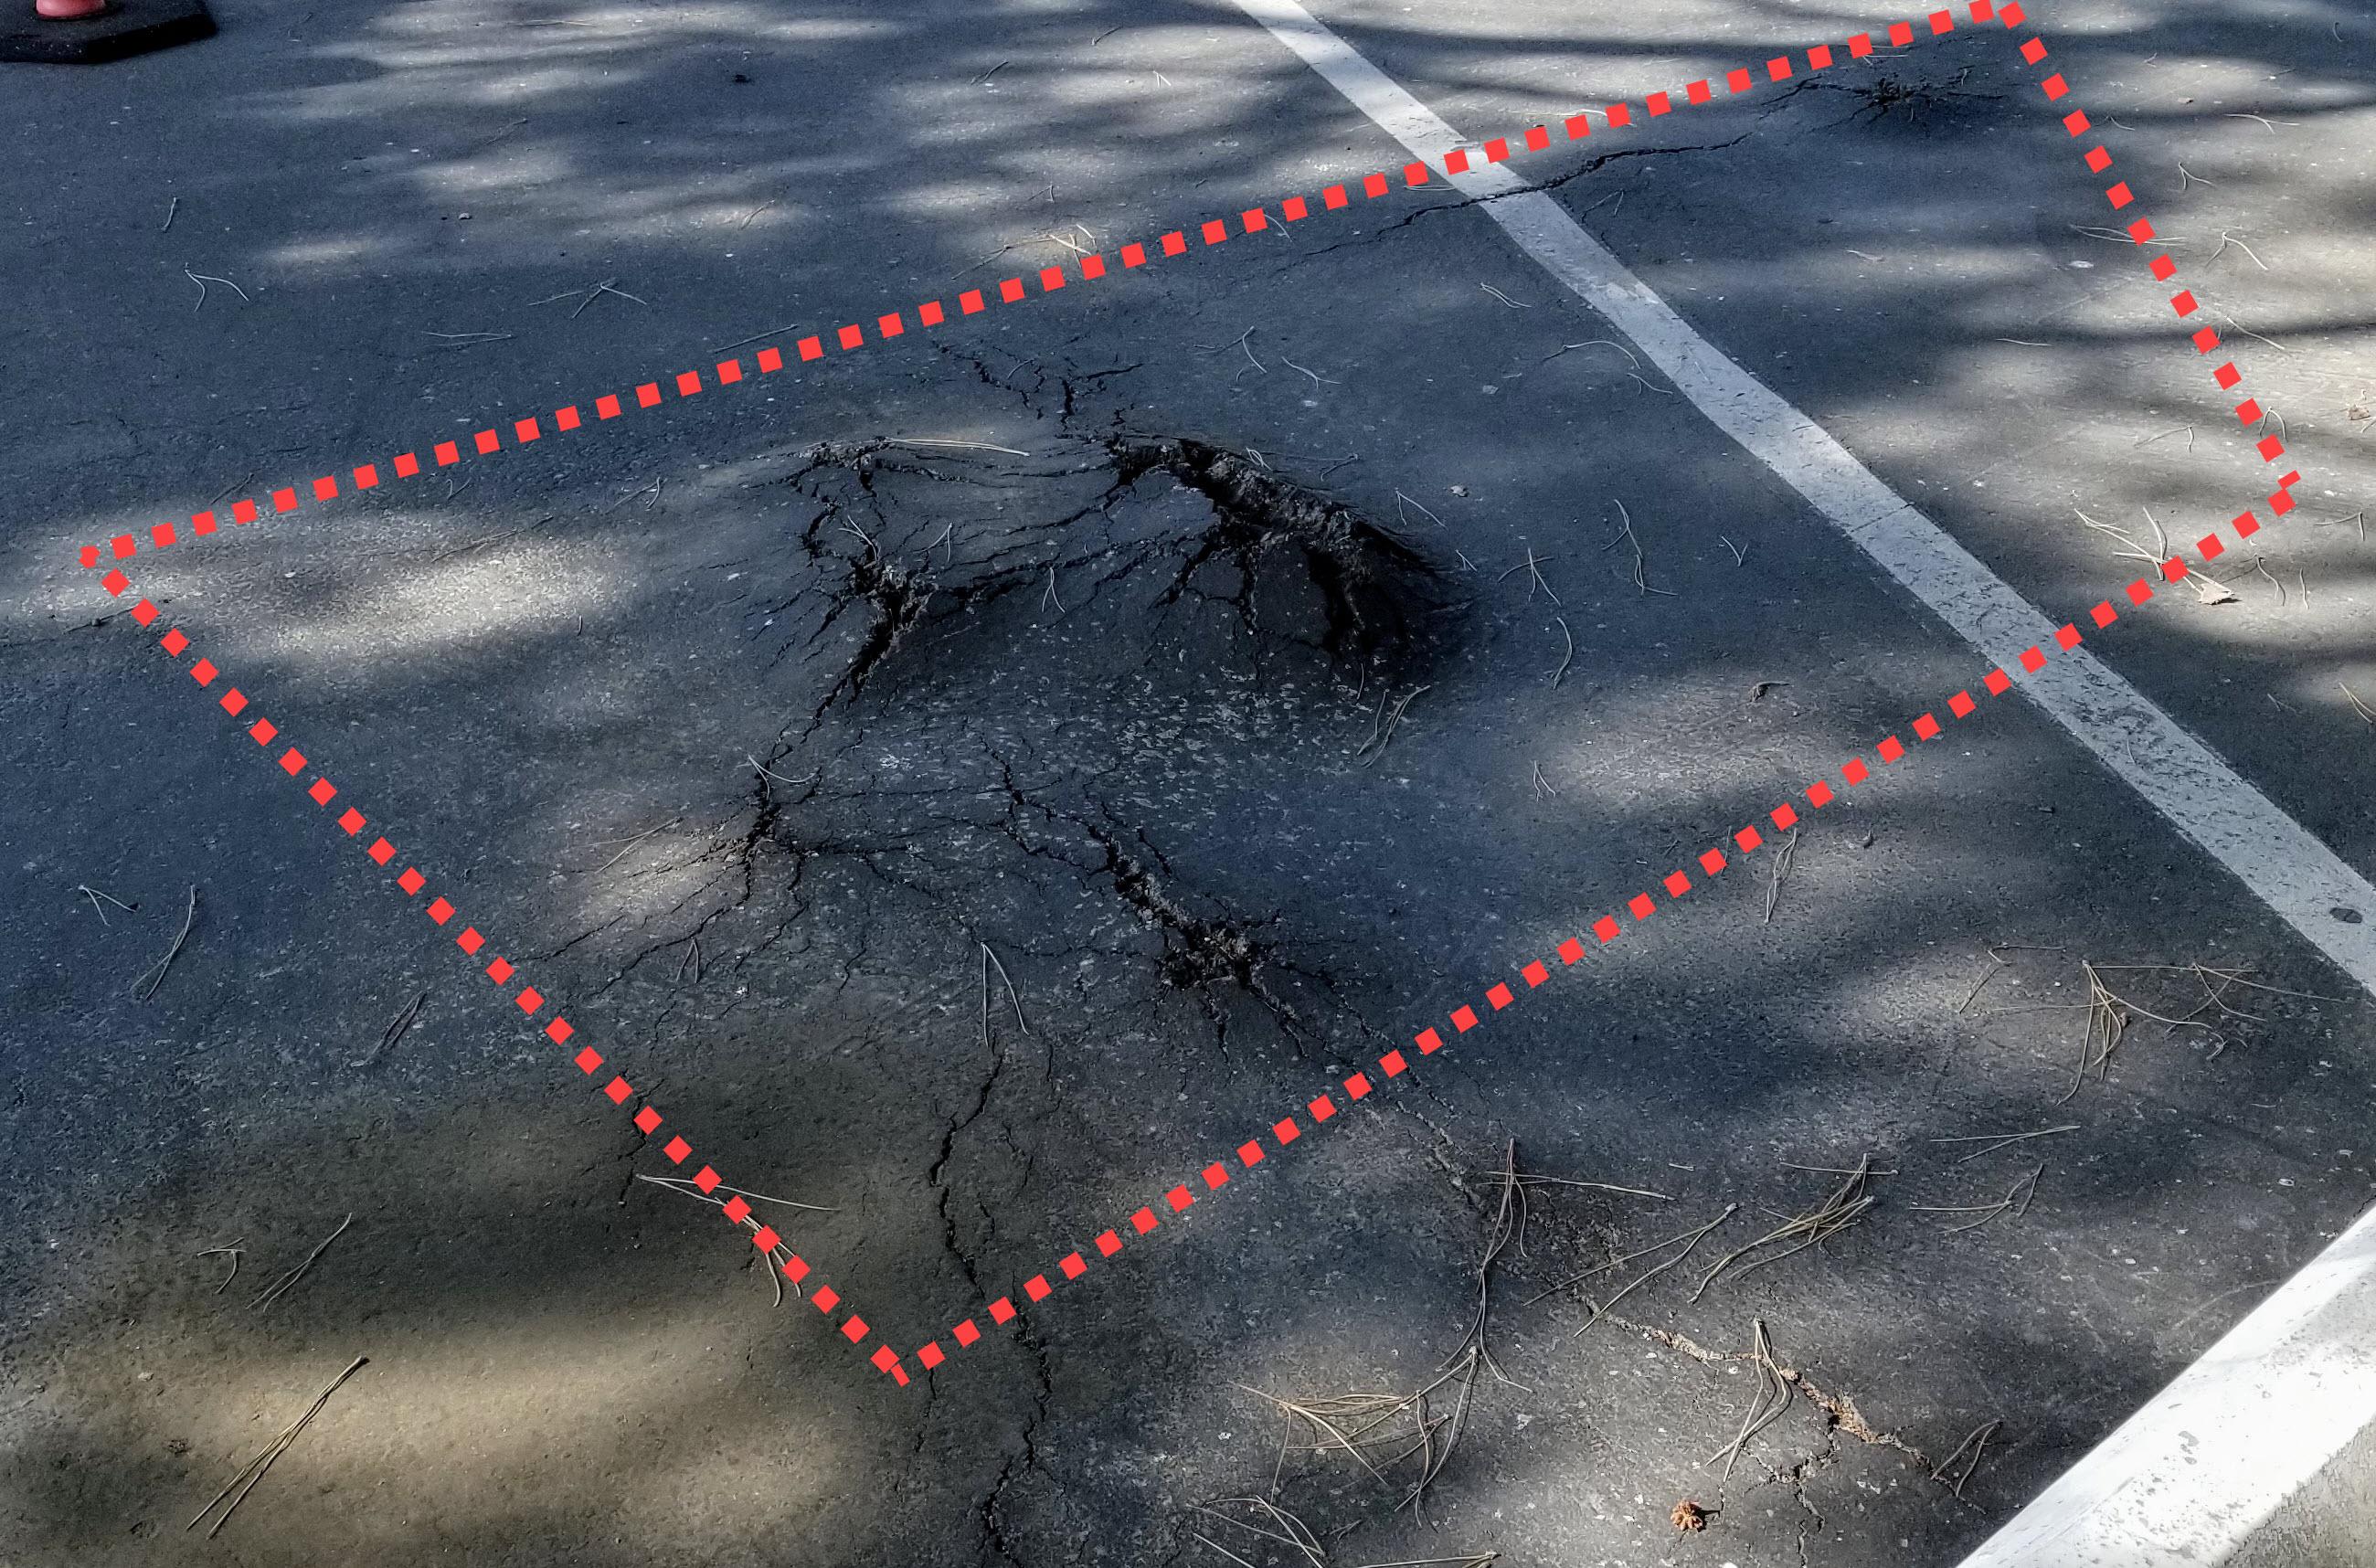 Roots in parking lots damaging asphalt